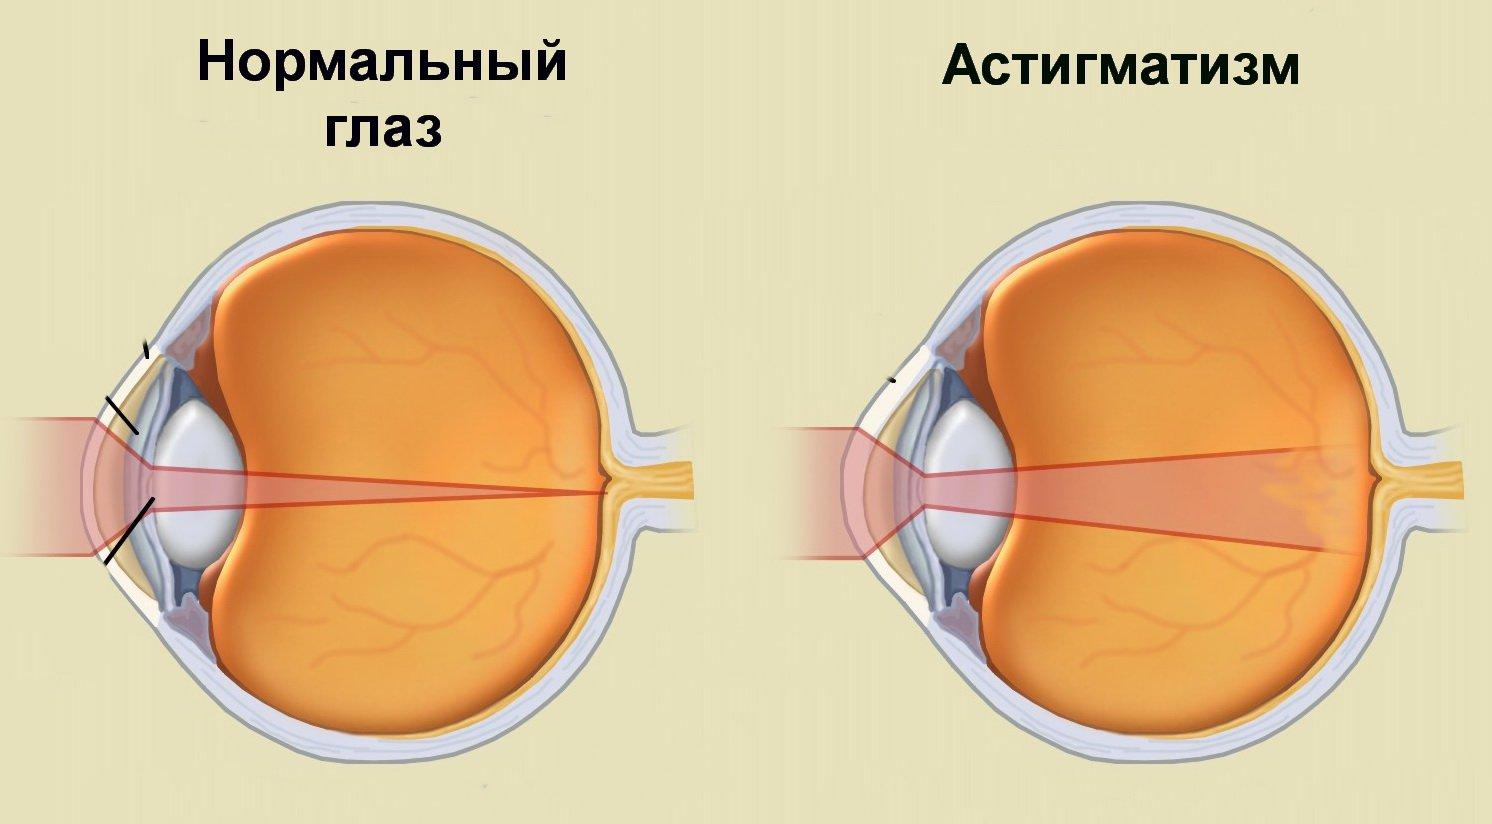 állítsa vissza a látást asztigmatizmussal a szem gyulladása és csökkent látás